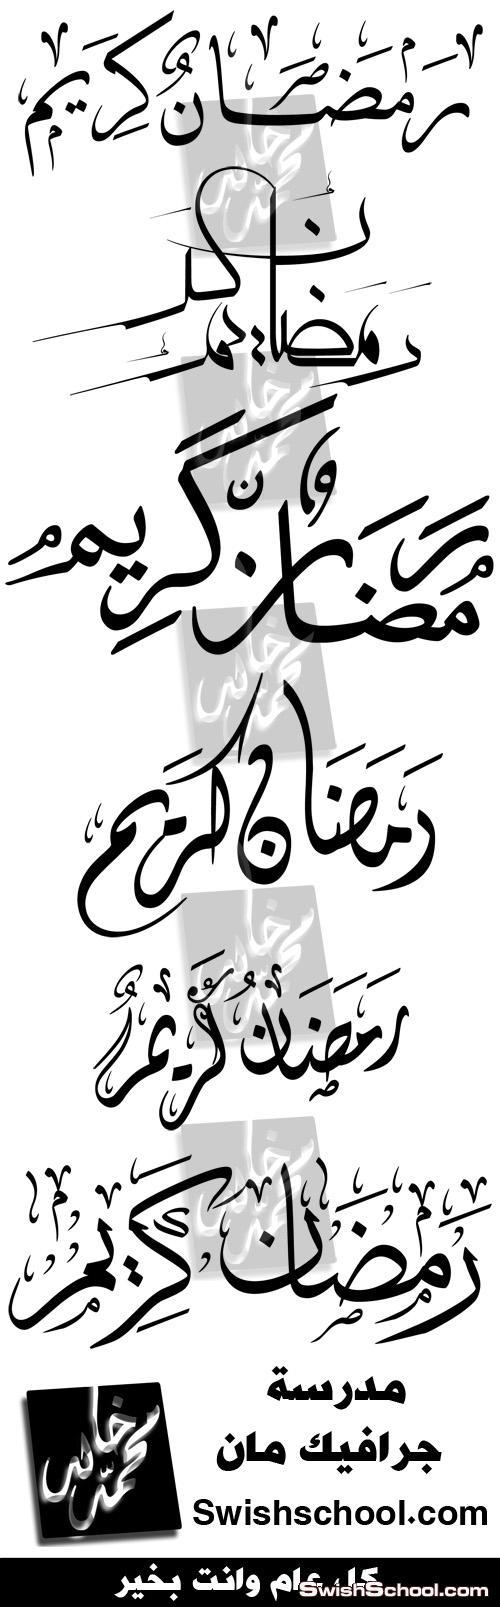 11 مخطوطة لشهر رمضان الكريم من Elgamal.